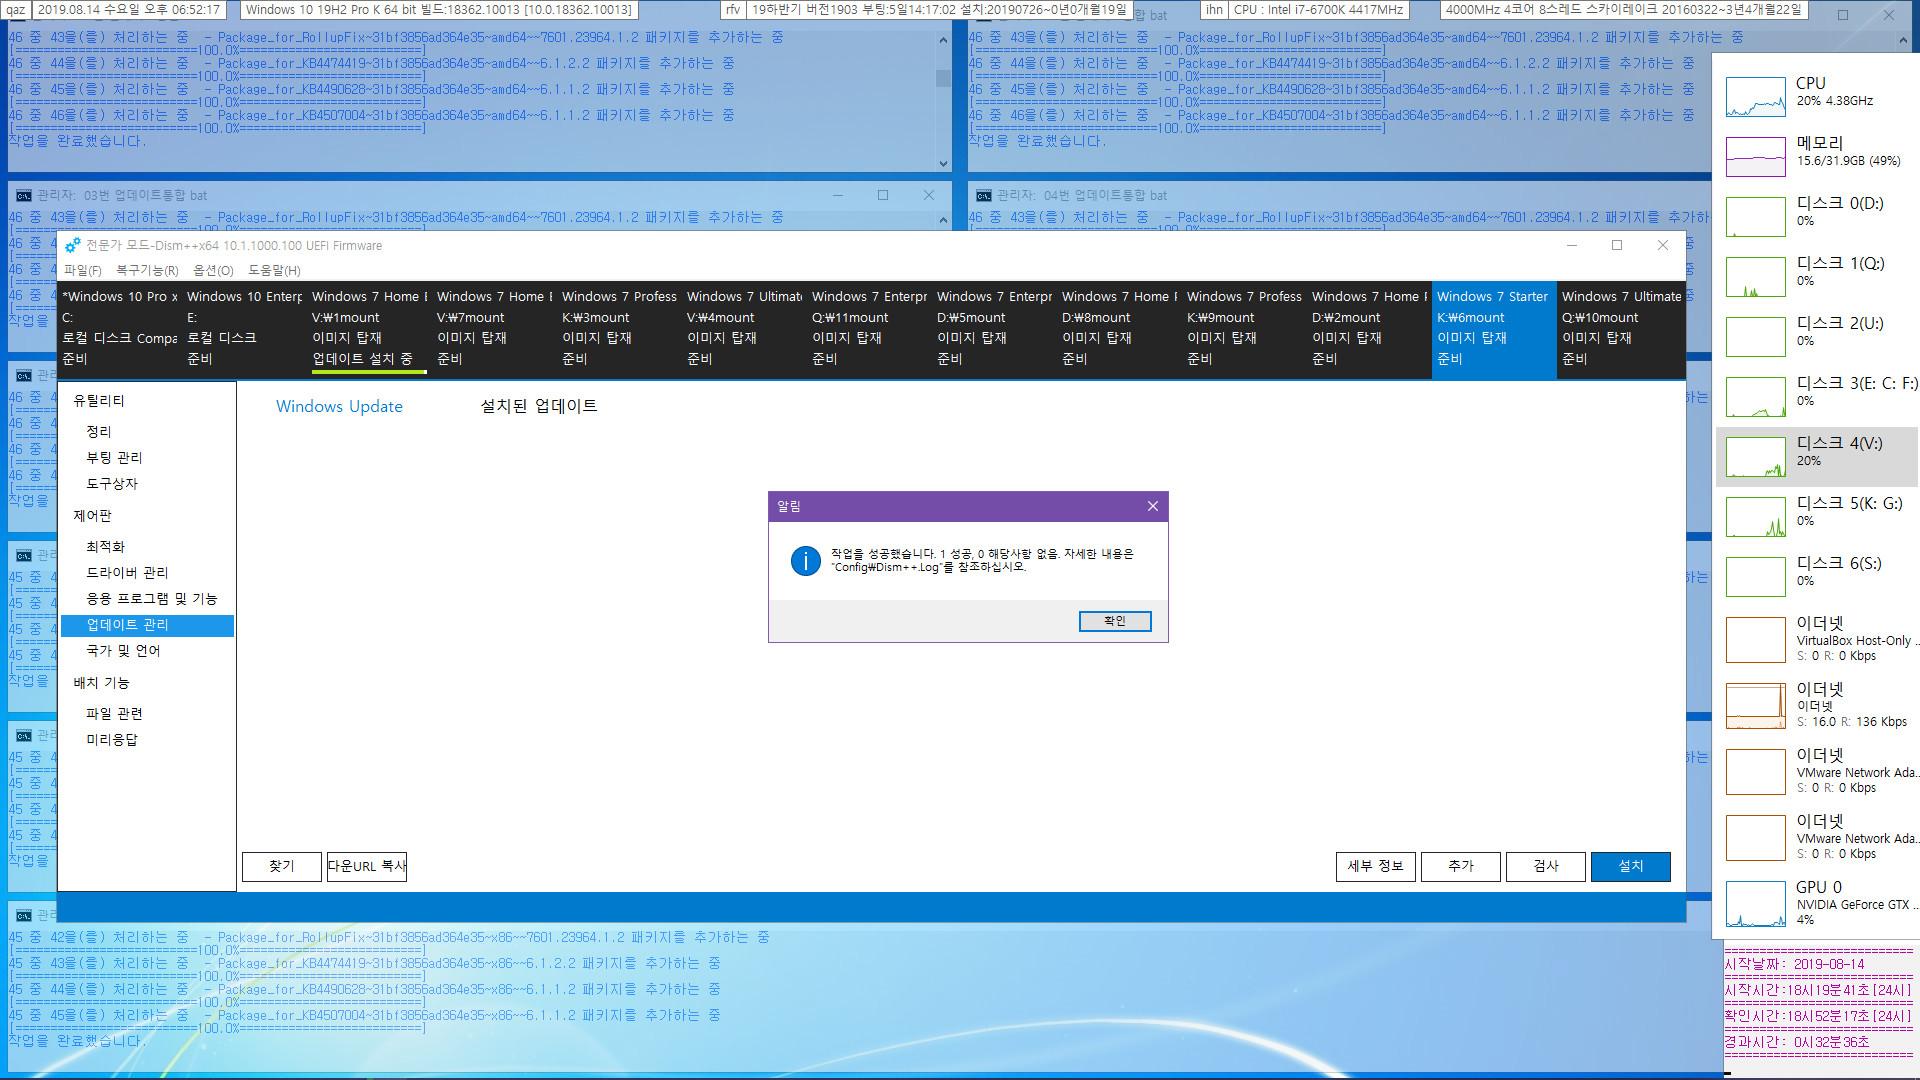 2019-08-14 정기 업데이트 나왔네요 -  Windows 7 롤업 업데이트 KB4512506 (OS 빌드 7601.24511) [2019-08-13 일자] IE10 통합중 입니다 - 통합 에러 생기네요 - dism++ 으로 간신히 롤업 업데이트 통합 성공했습니다 2019-08-14_185217.jpg